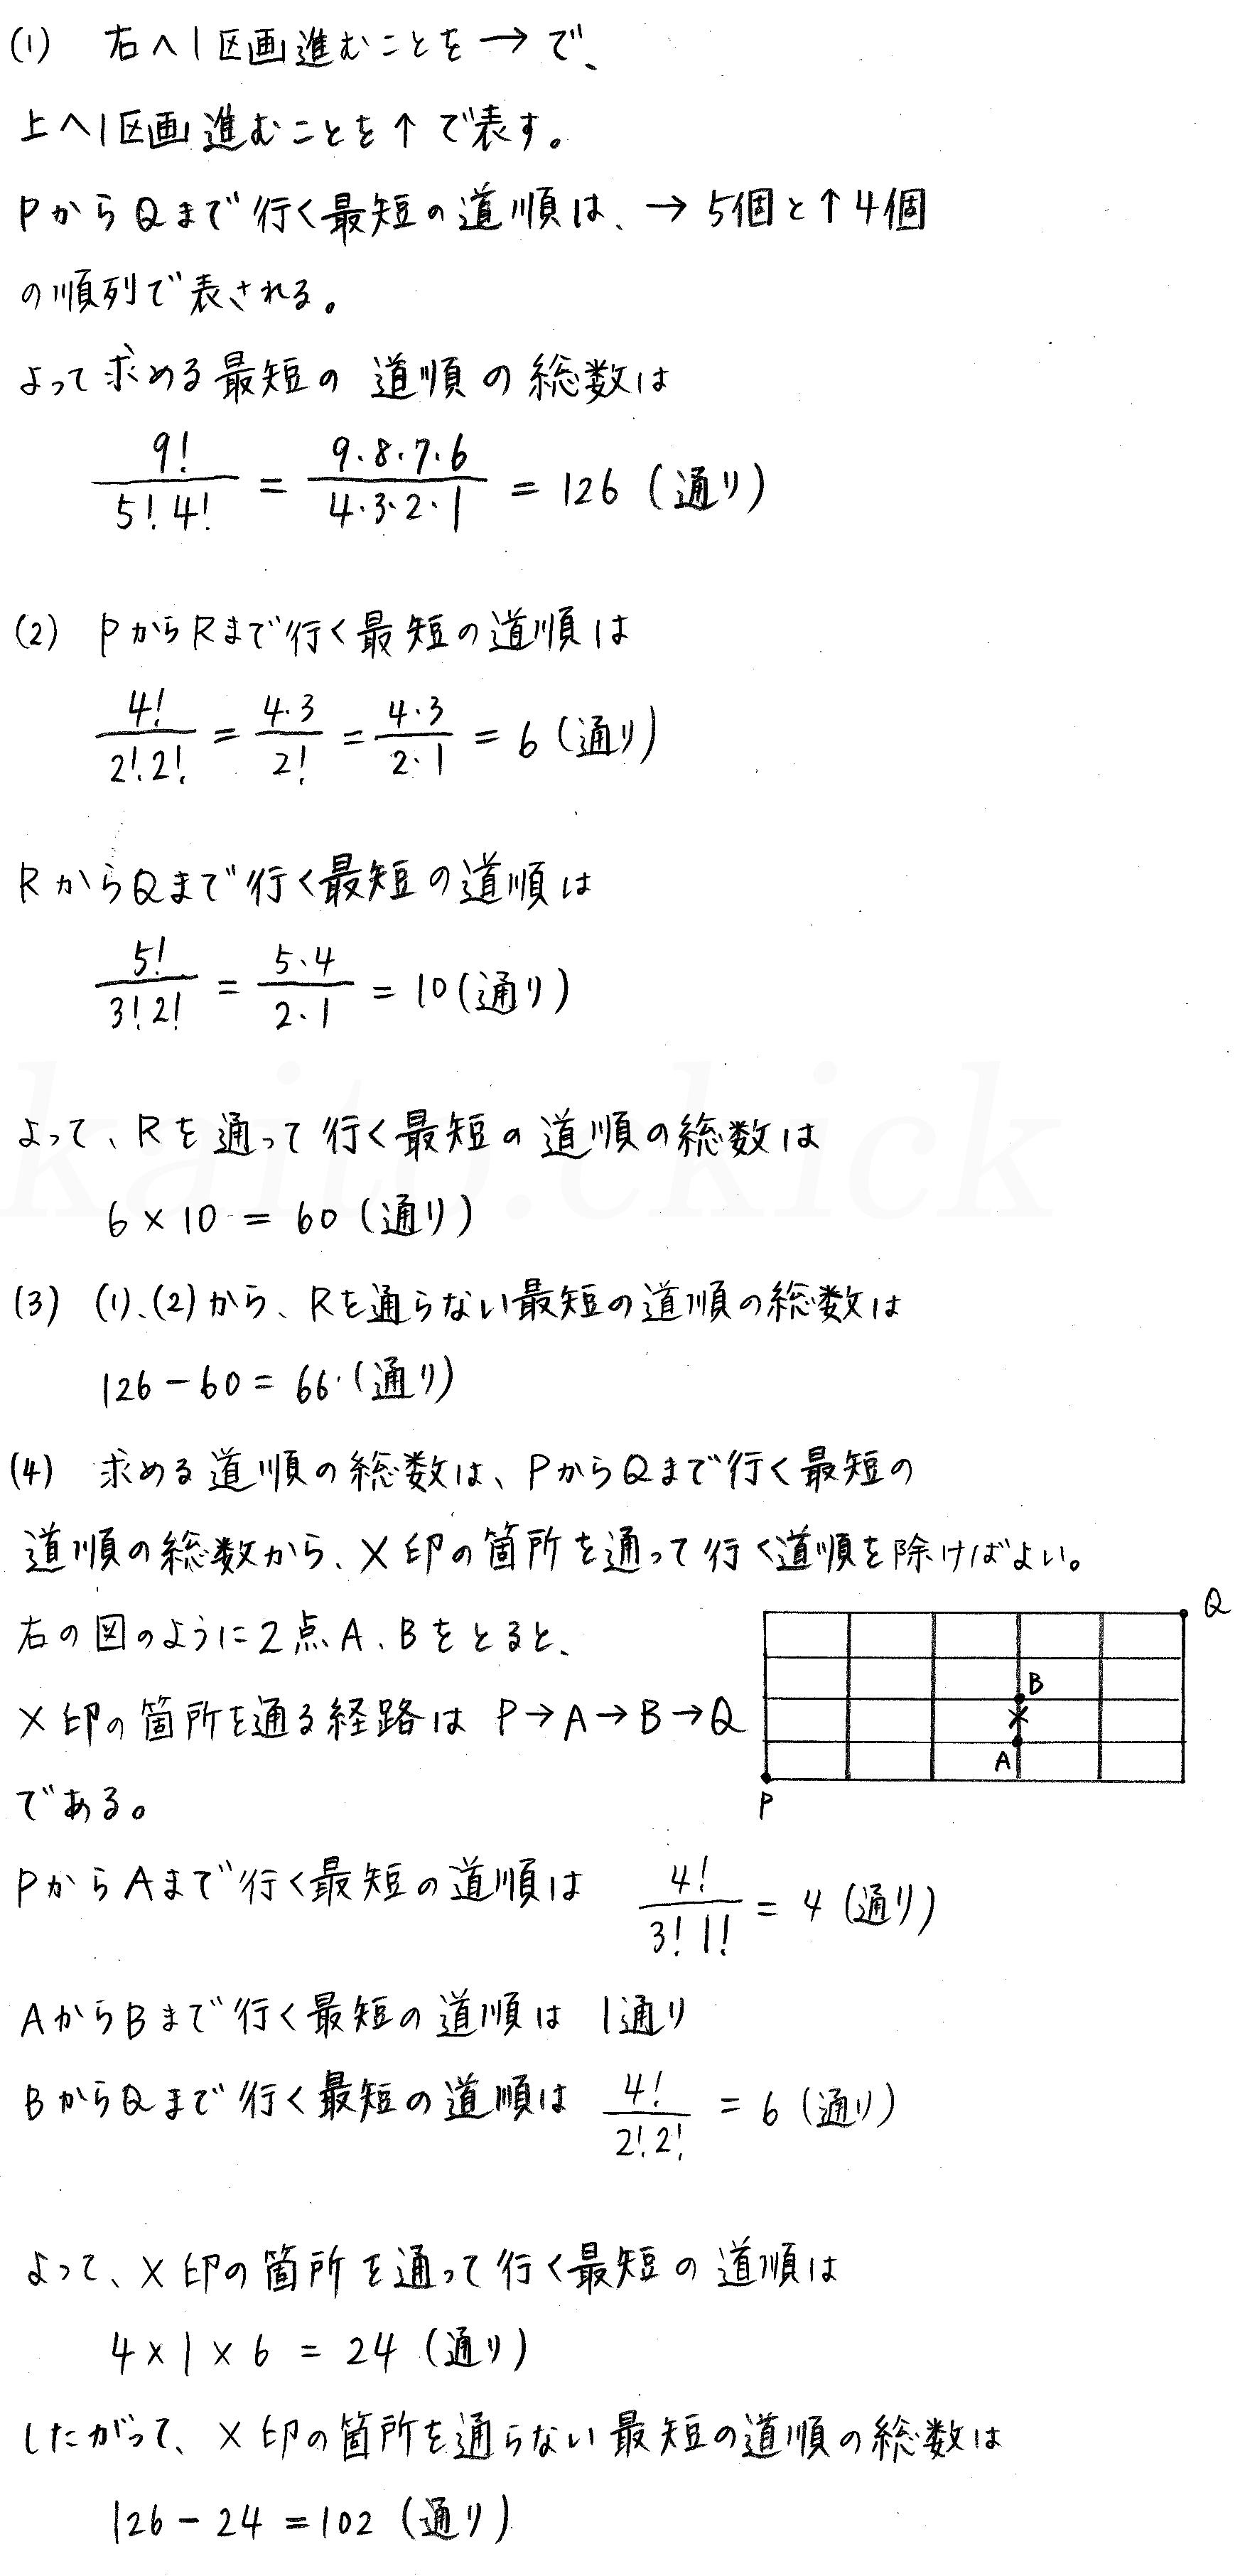 クリアー数学A-74解答